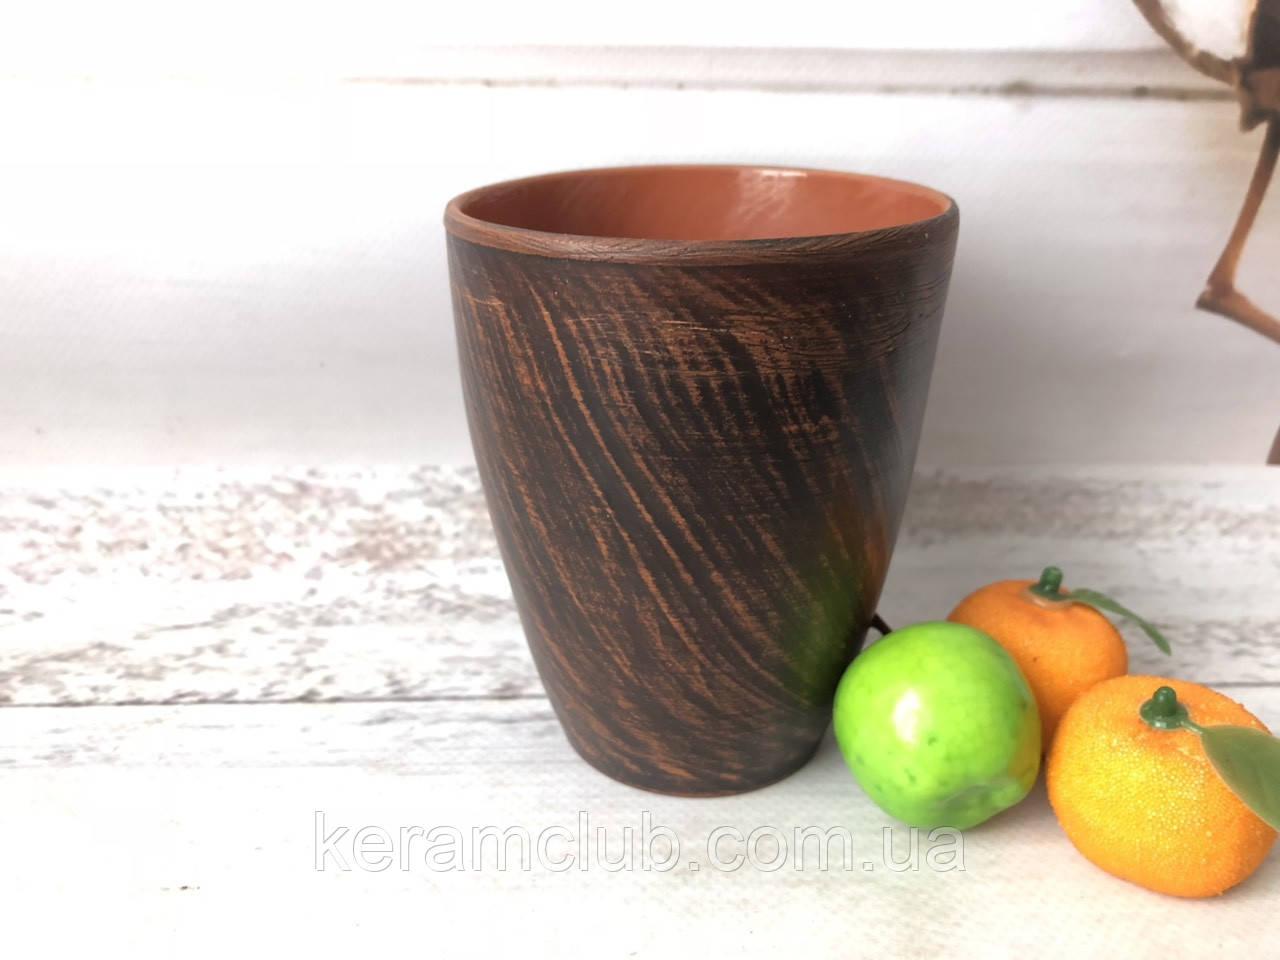 Глиняный стакан Керамклуб 300 мл